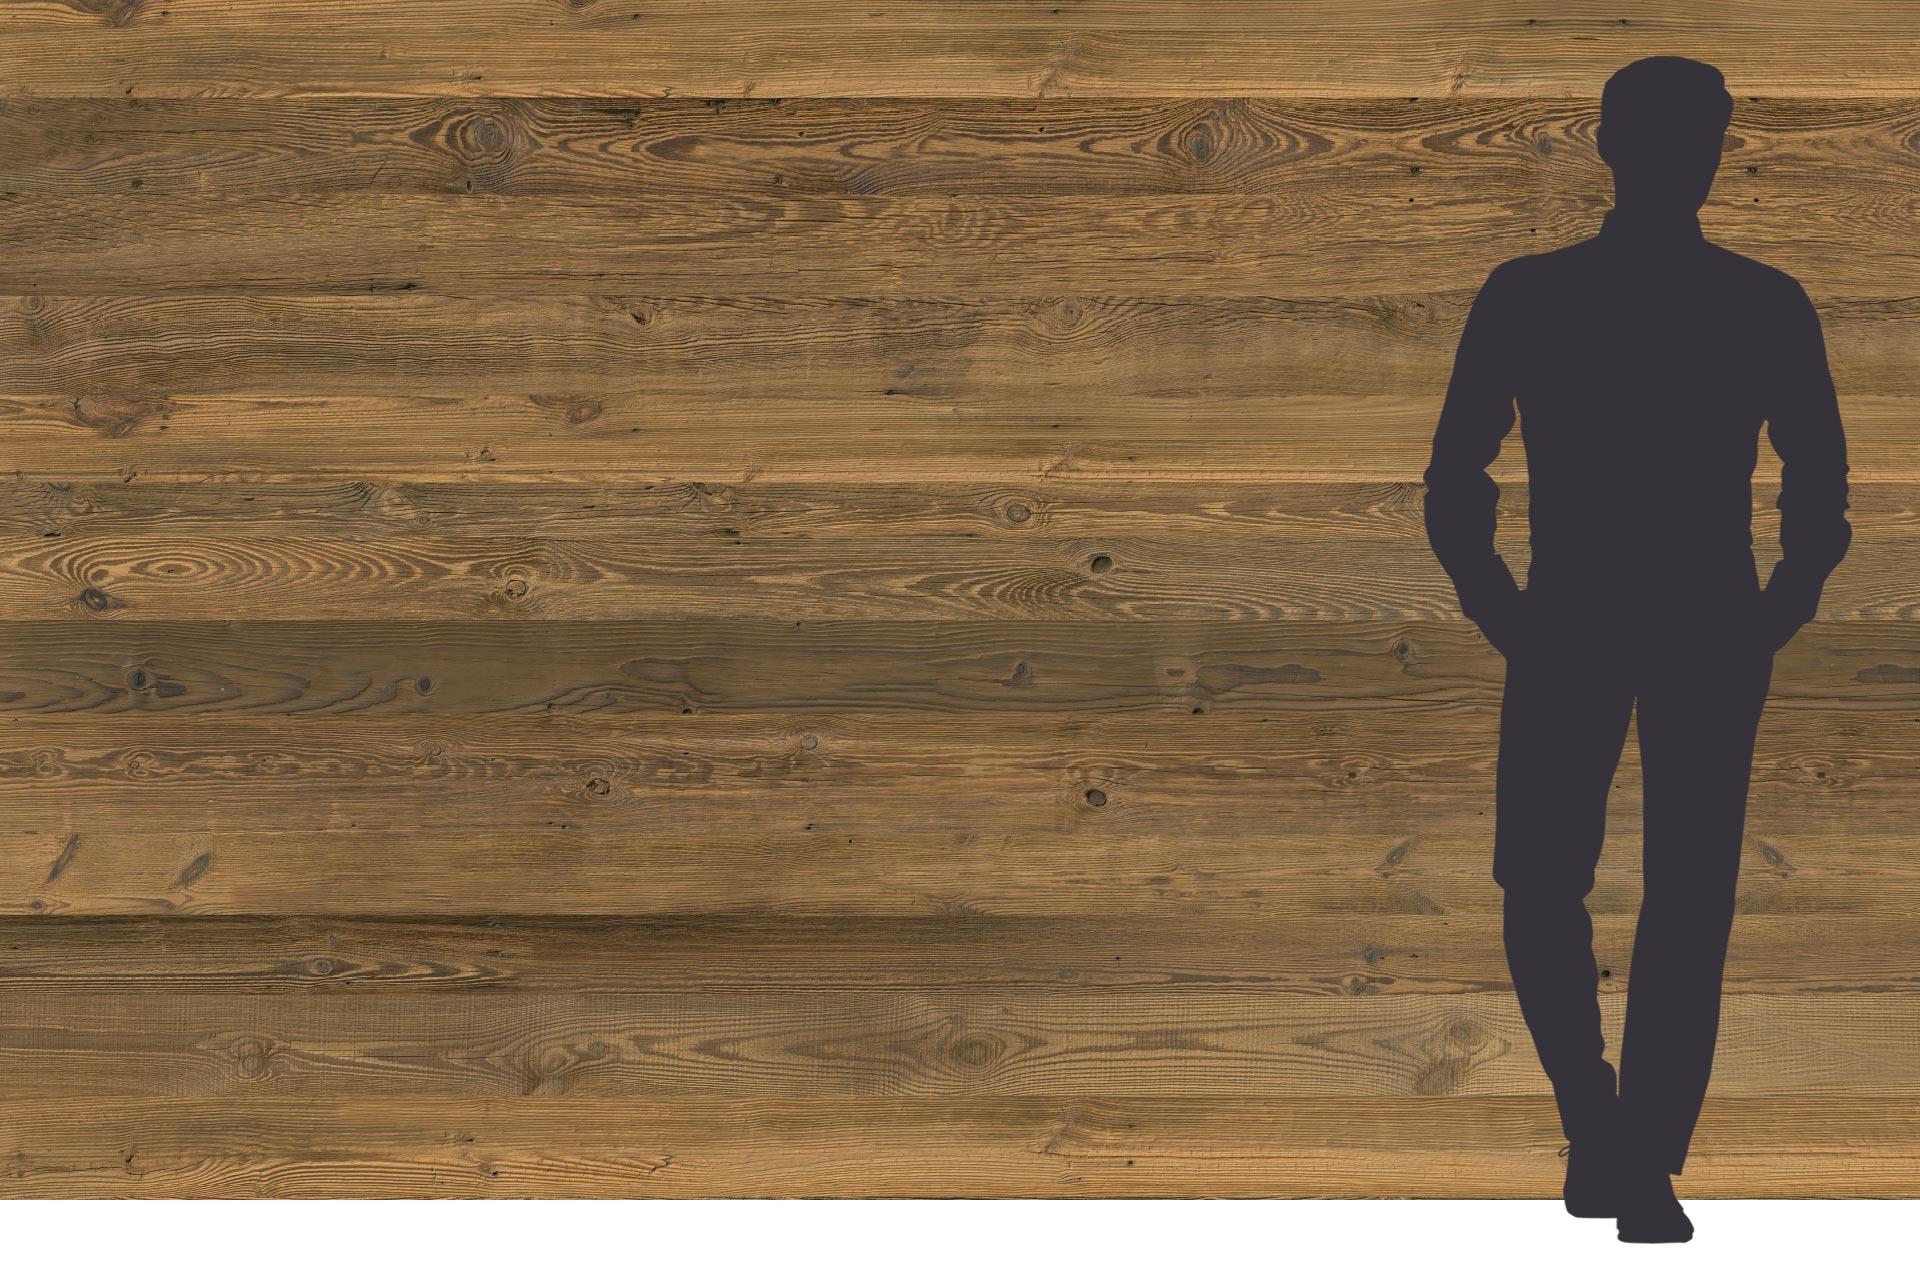 Hohe Tauern Dreischichtplatte in 3 Meter